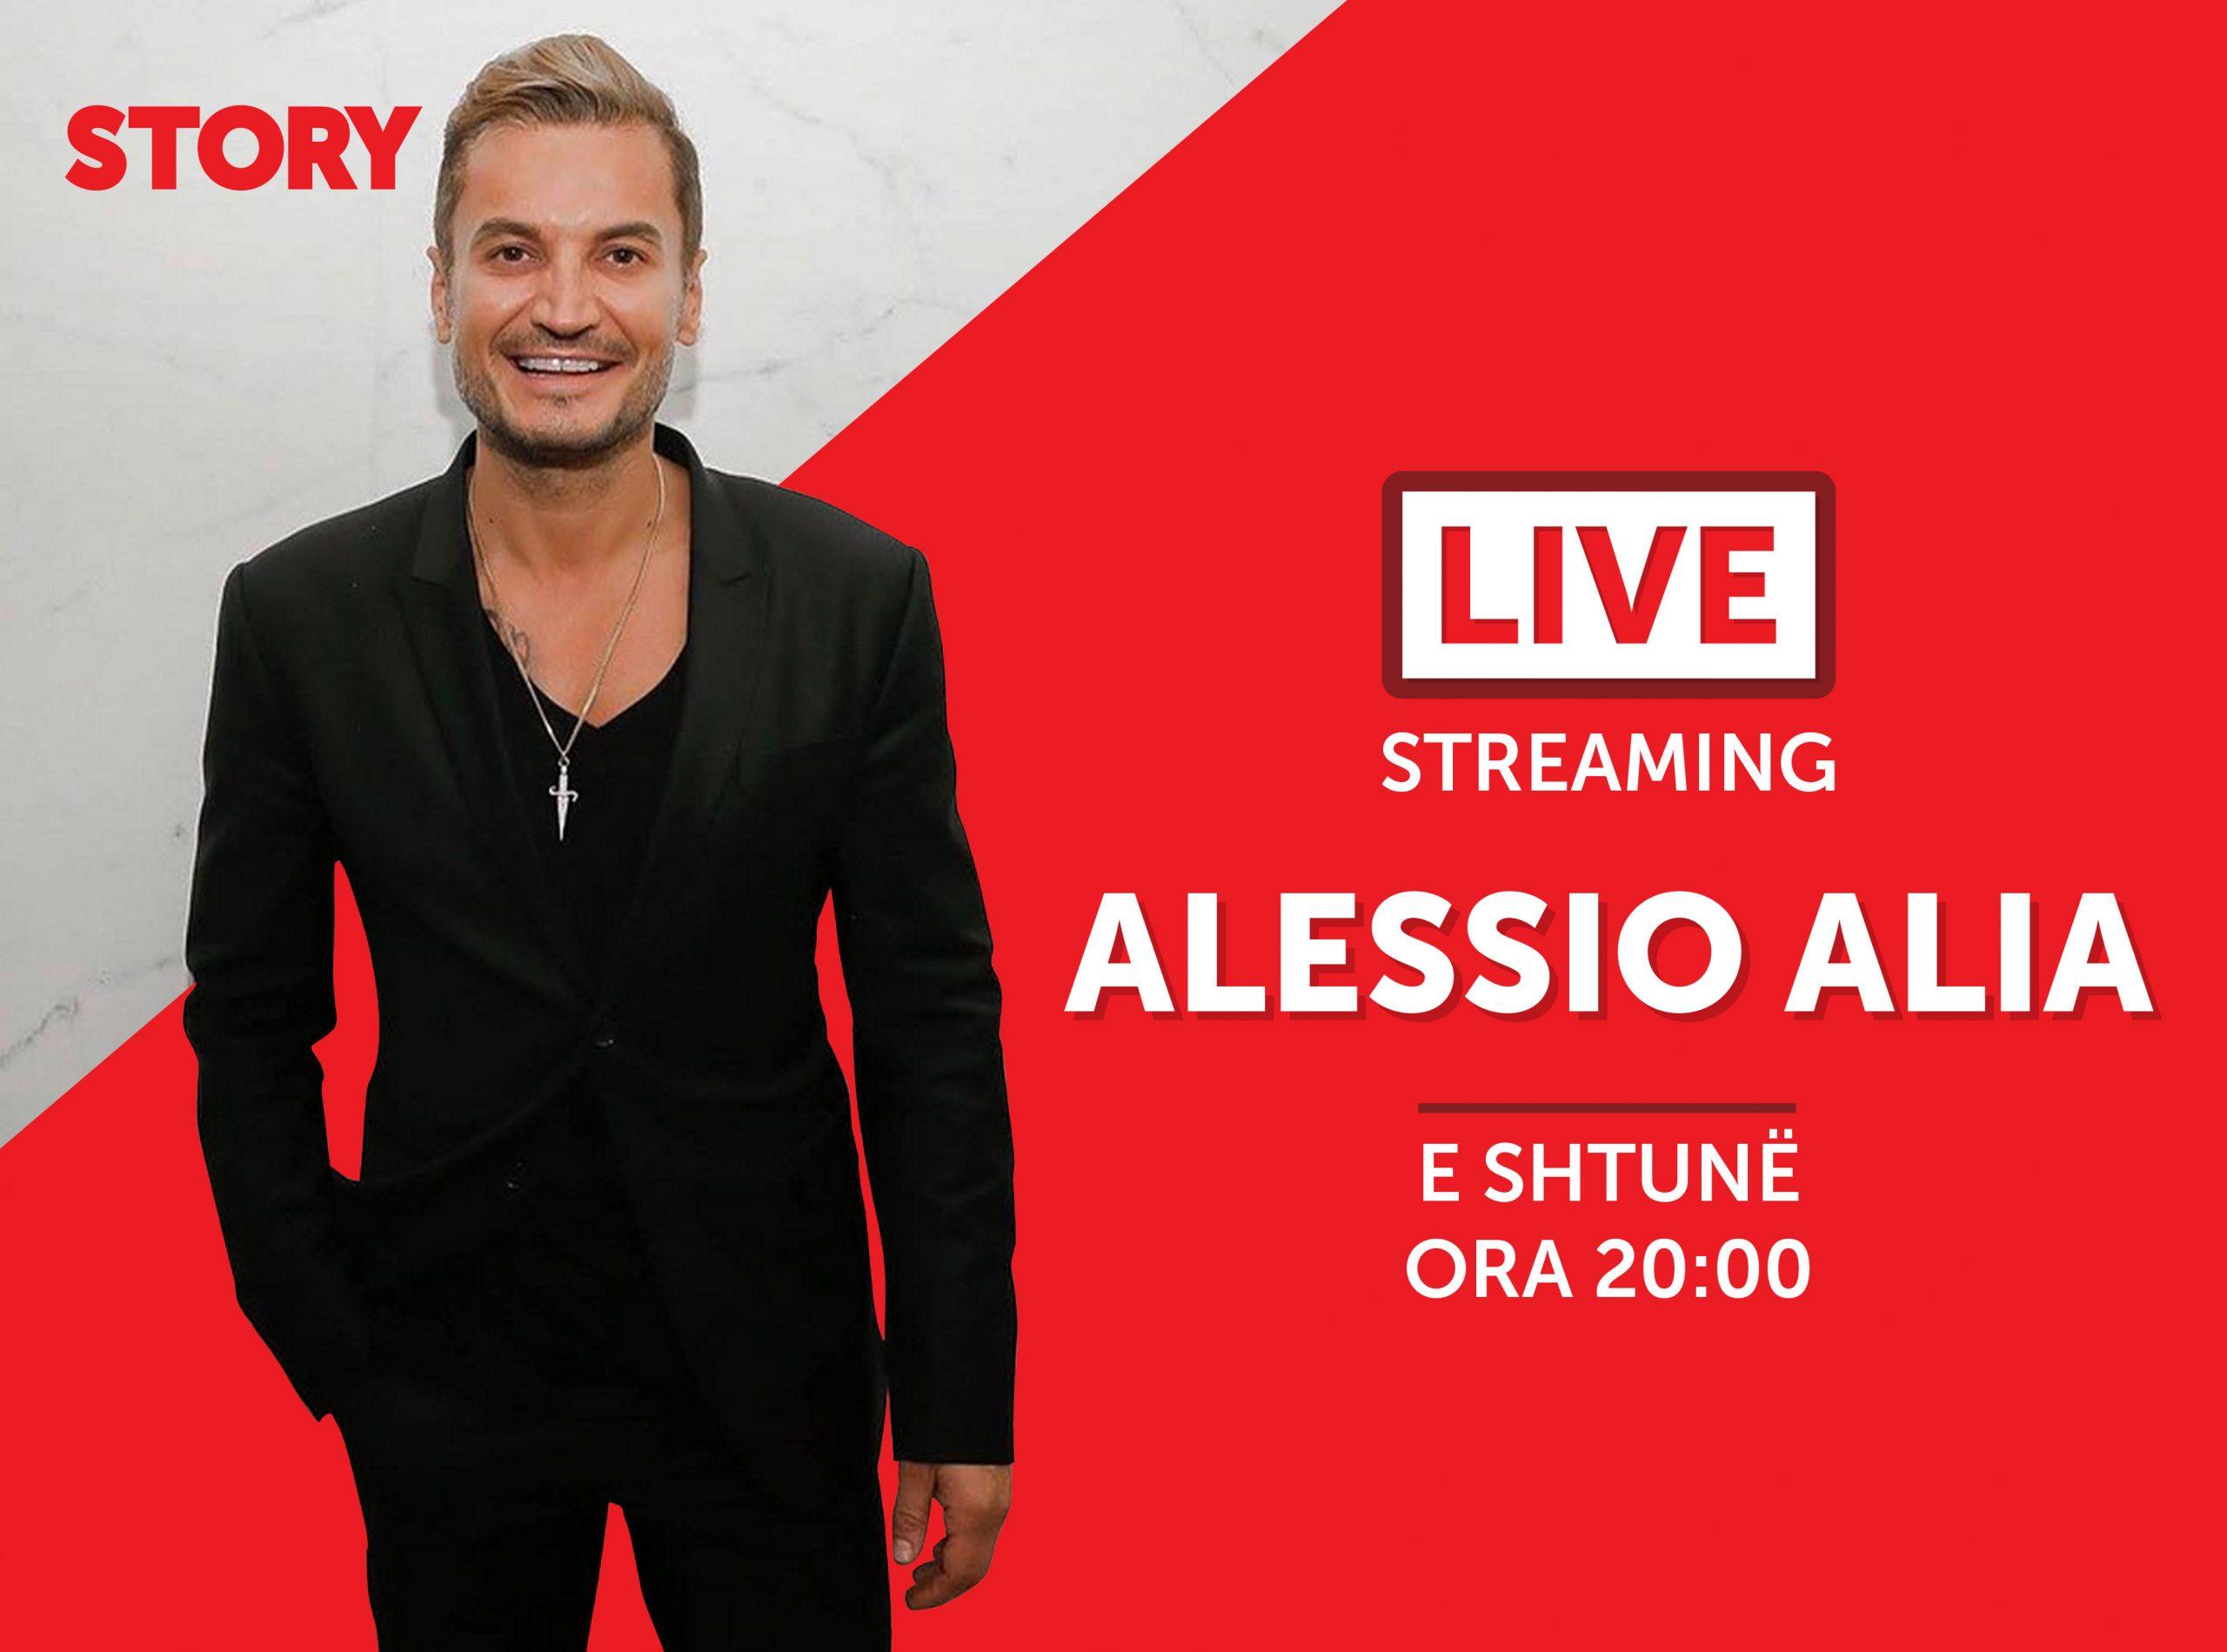 Alessio Alia në një rrëfim ekskluziv live për STORY